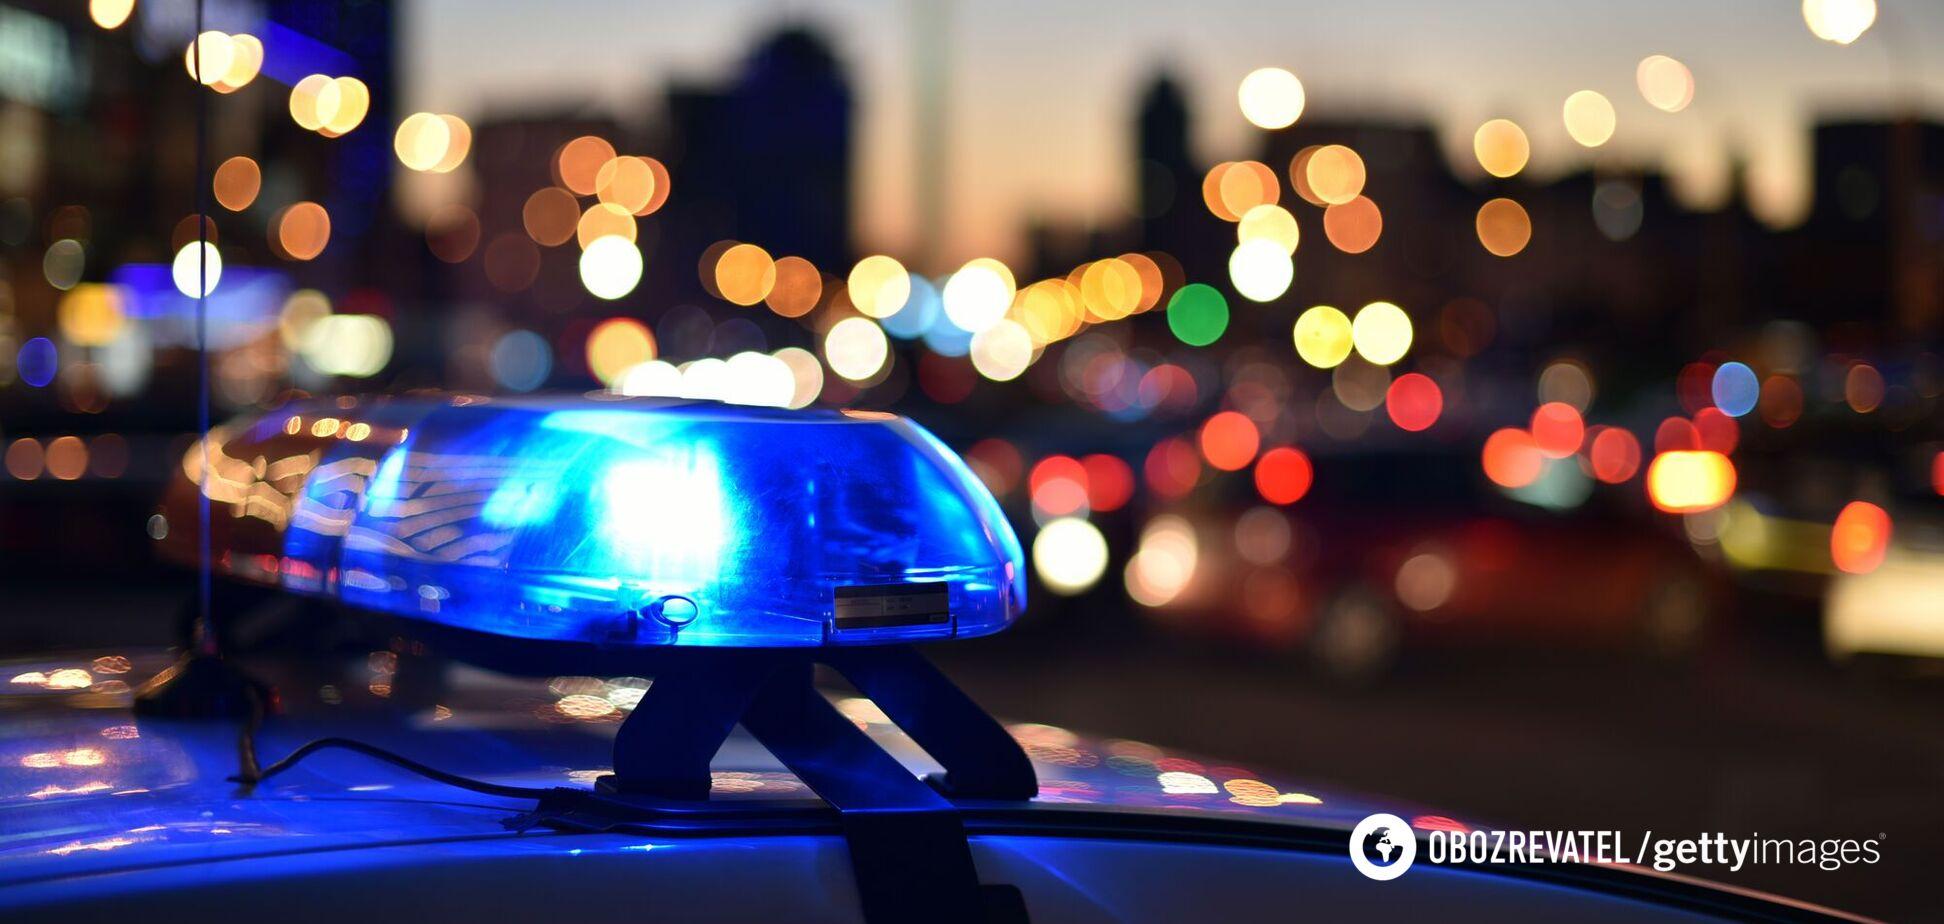 Предсмертной записки правоохранители не обнаружили